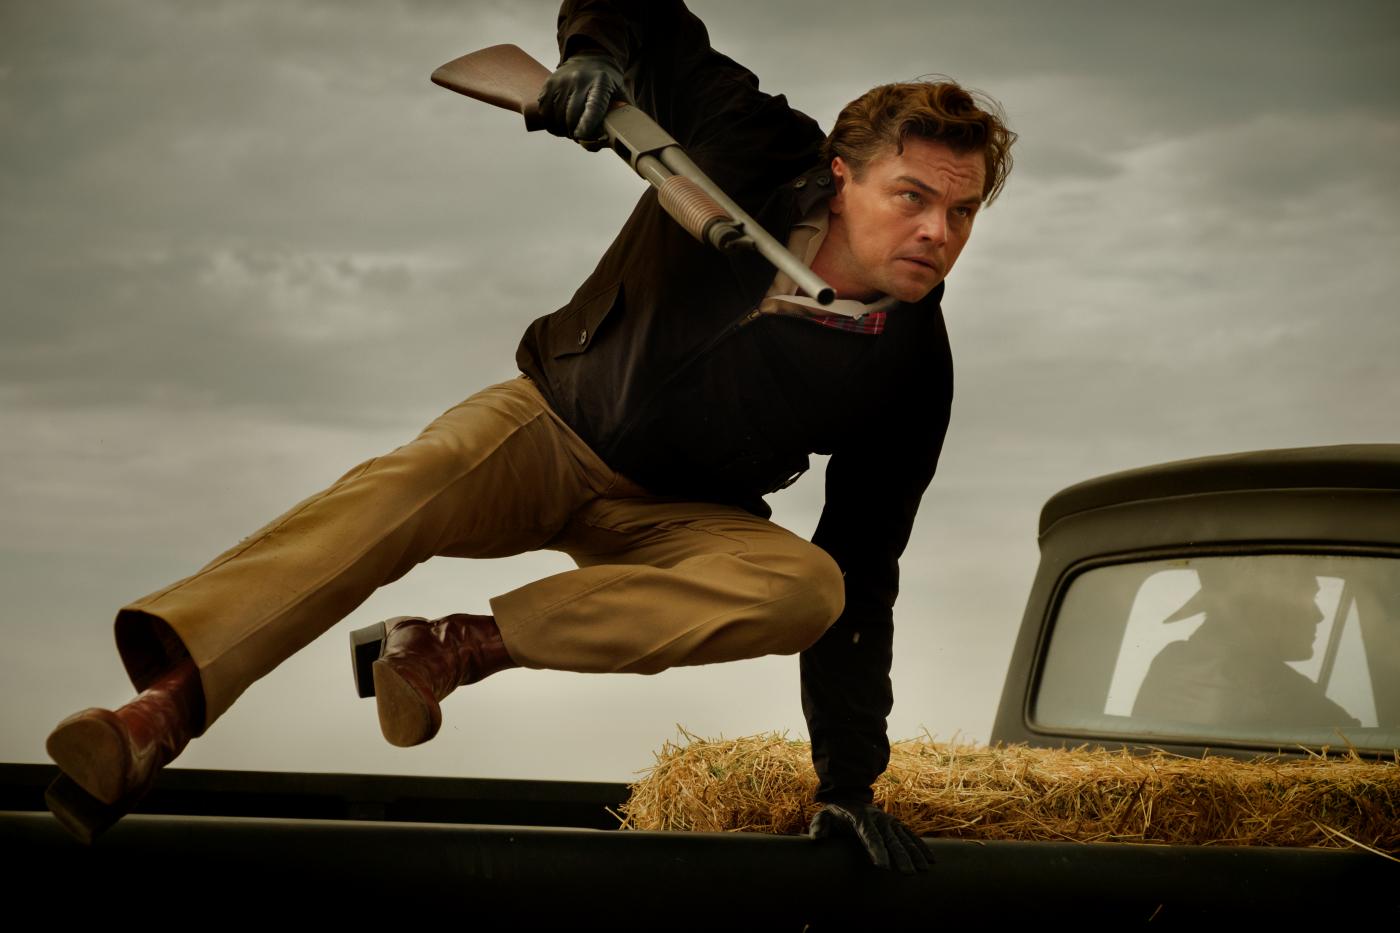 Erster Kinofilm Von Quentin Tarantino